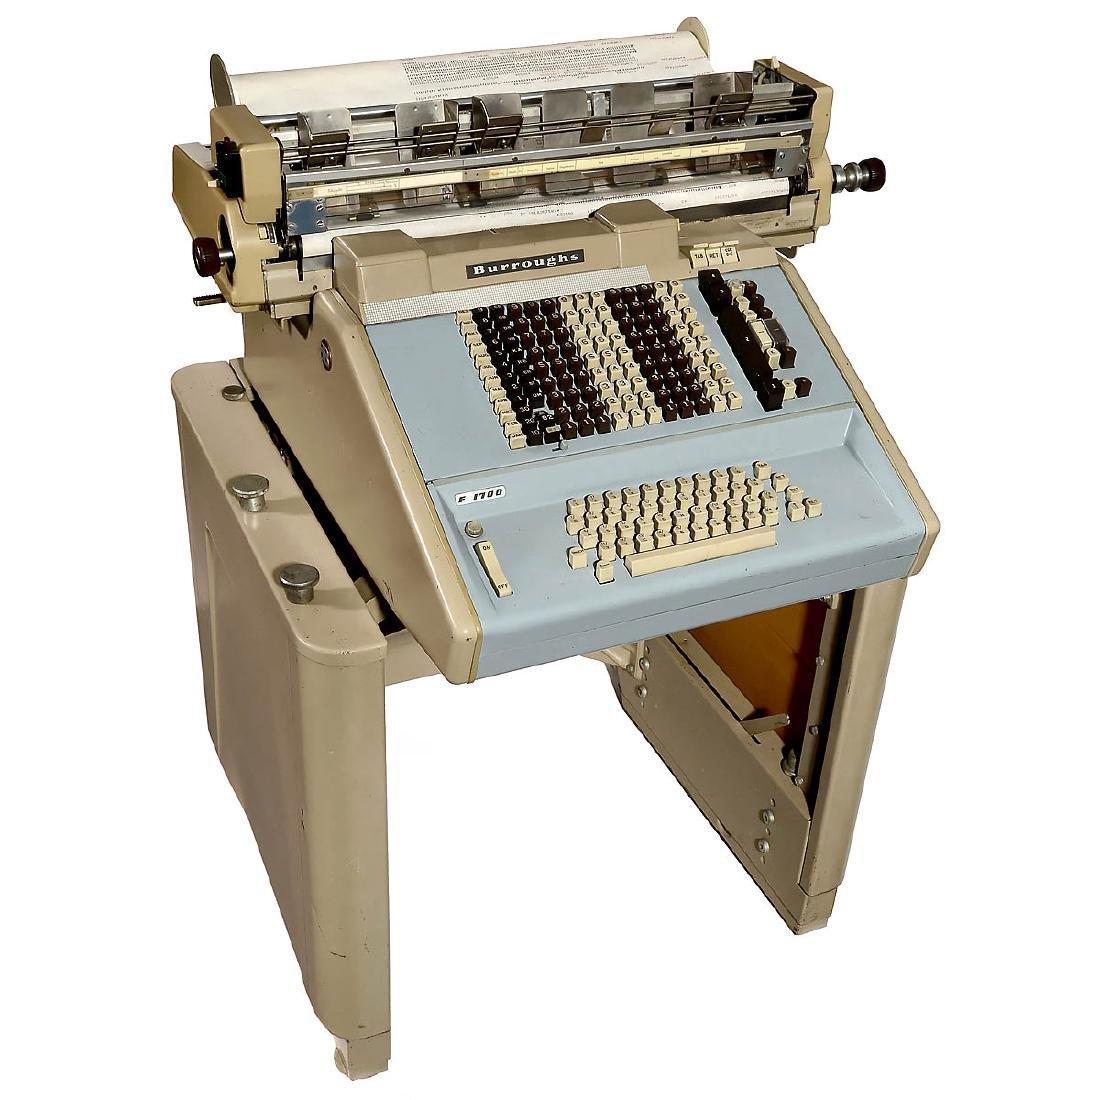 Alphabetic Acccounting Machine Burroughs Sensimatic, c.